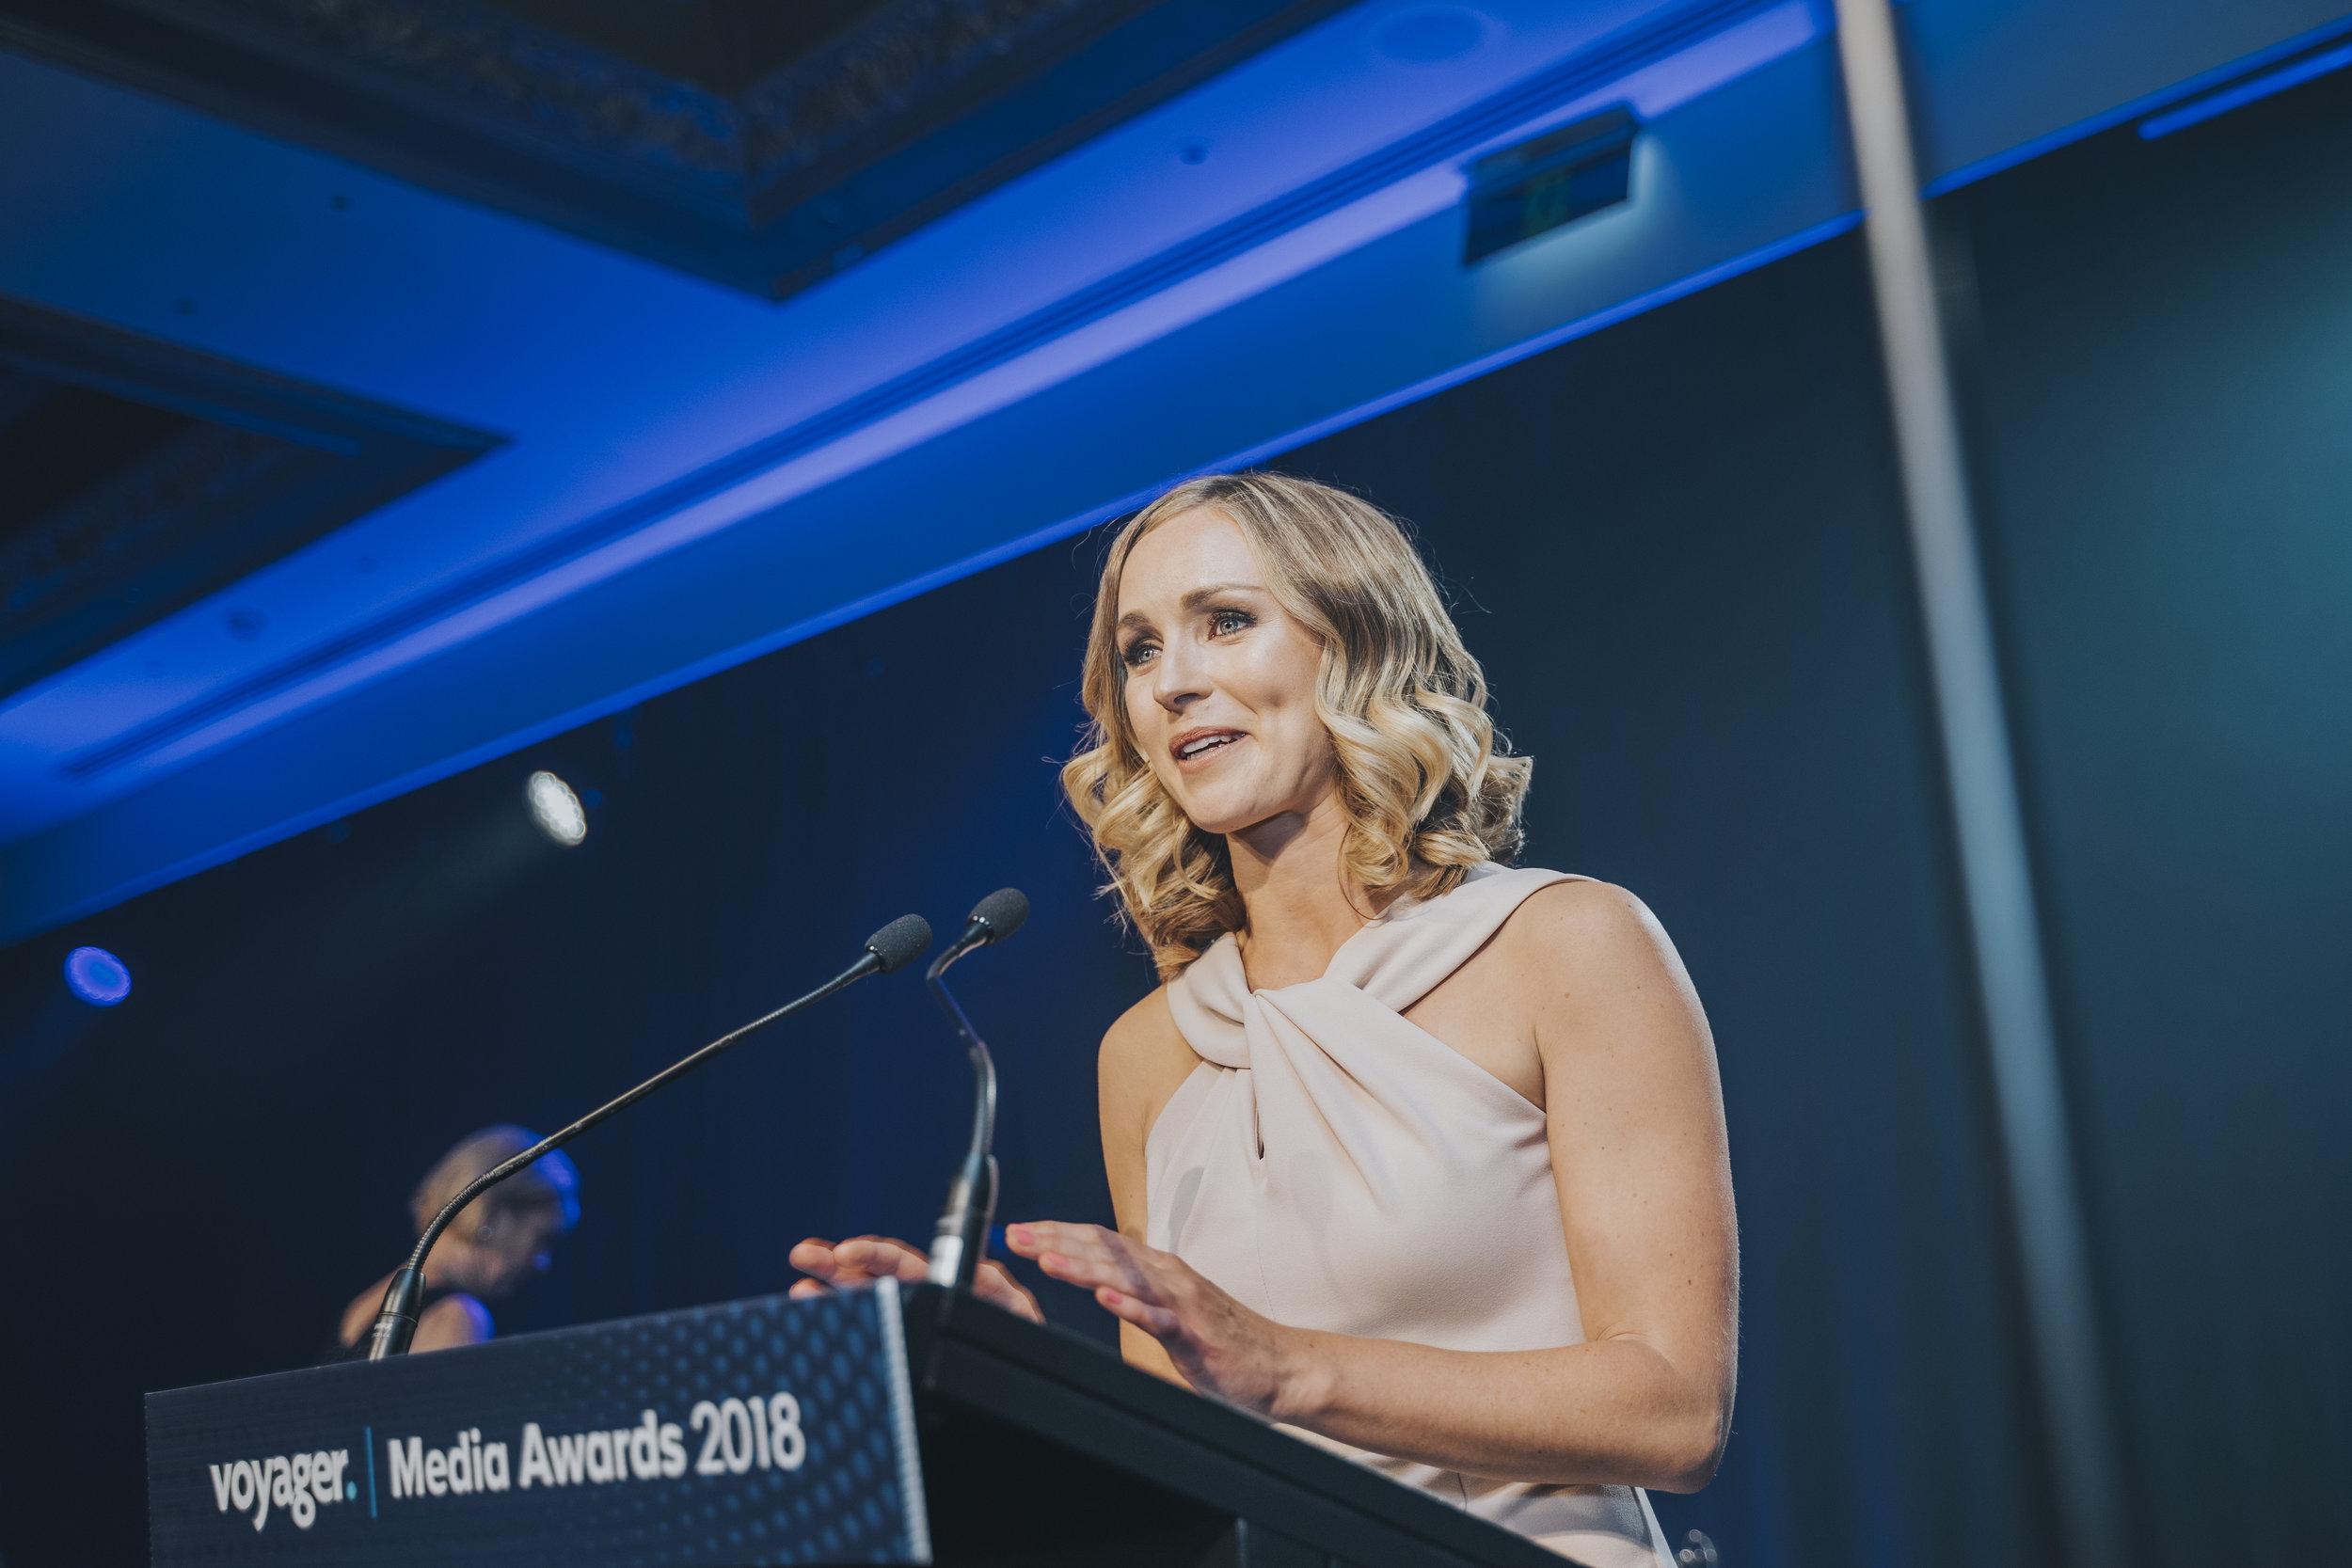 Voyager Media Awards 2018-279.JPG